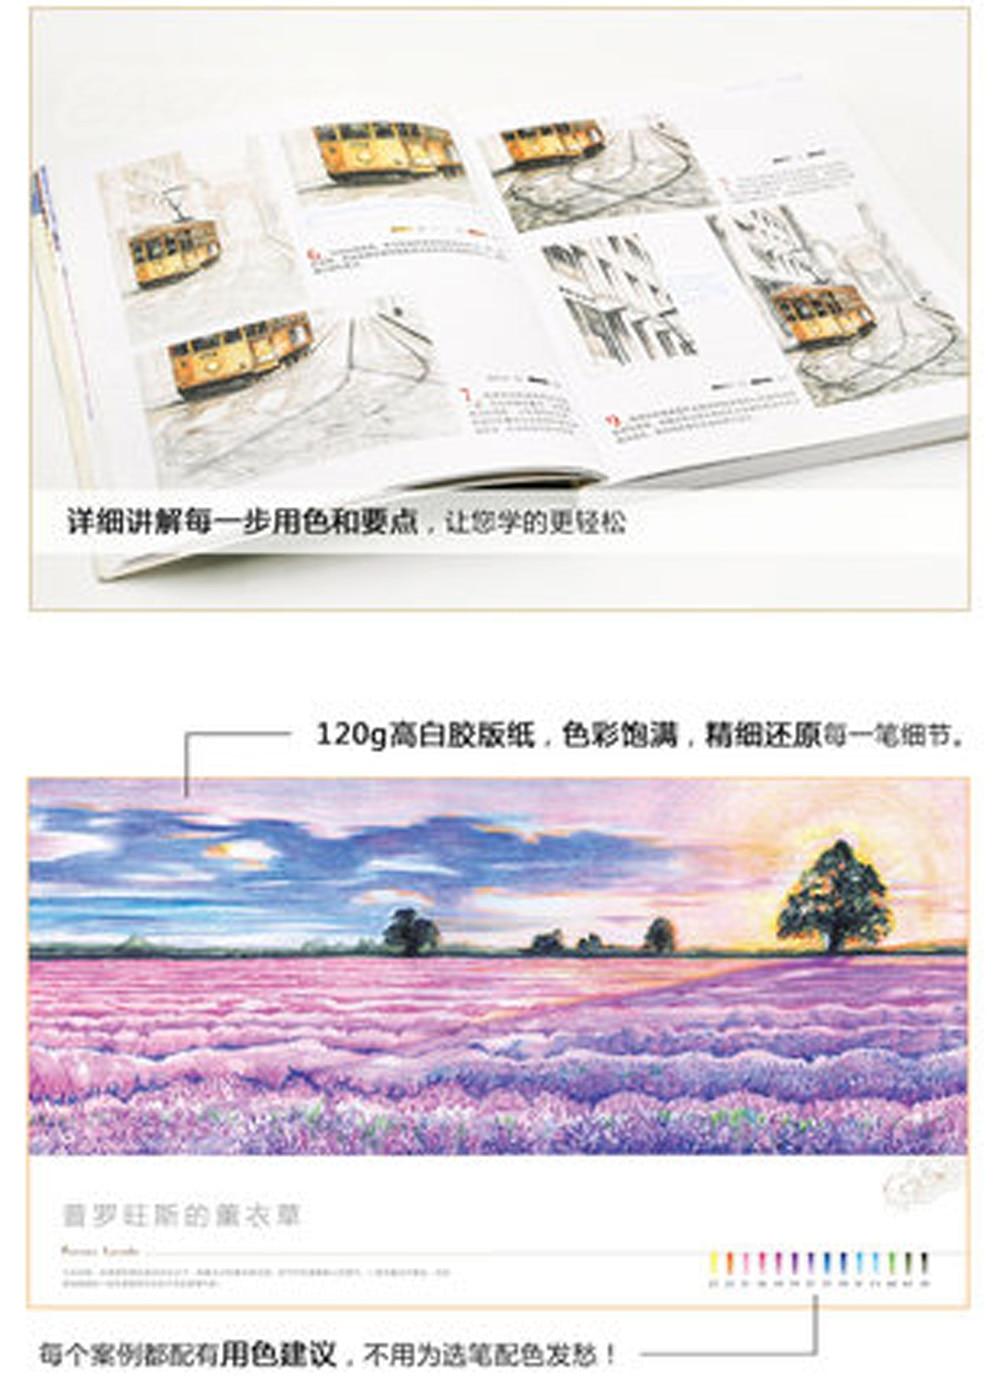 Páginas de Livros Adultos Livro Coloração Pintura/moda/cor/ 94